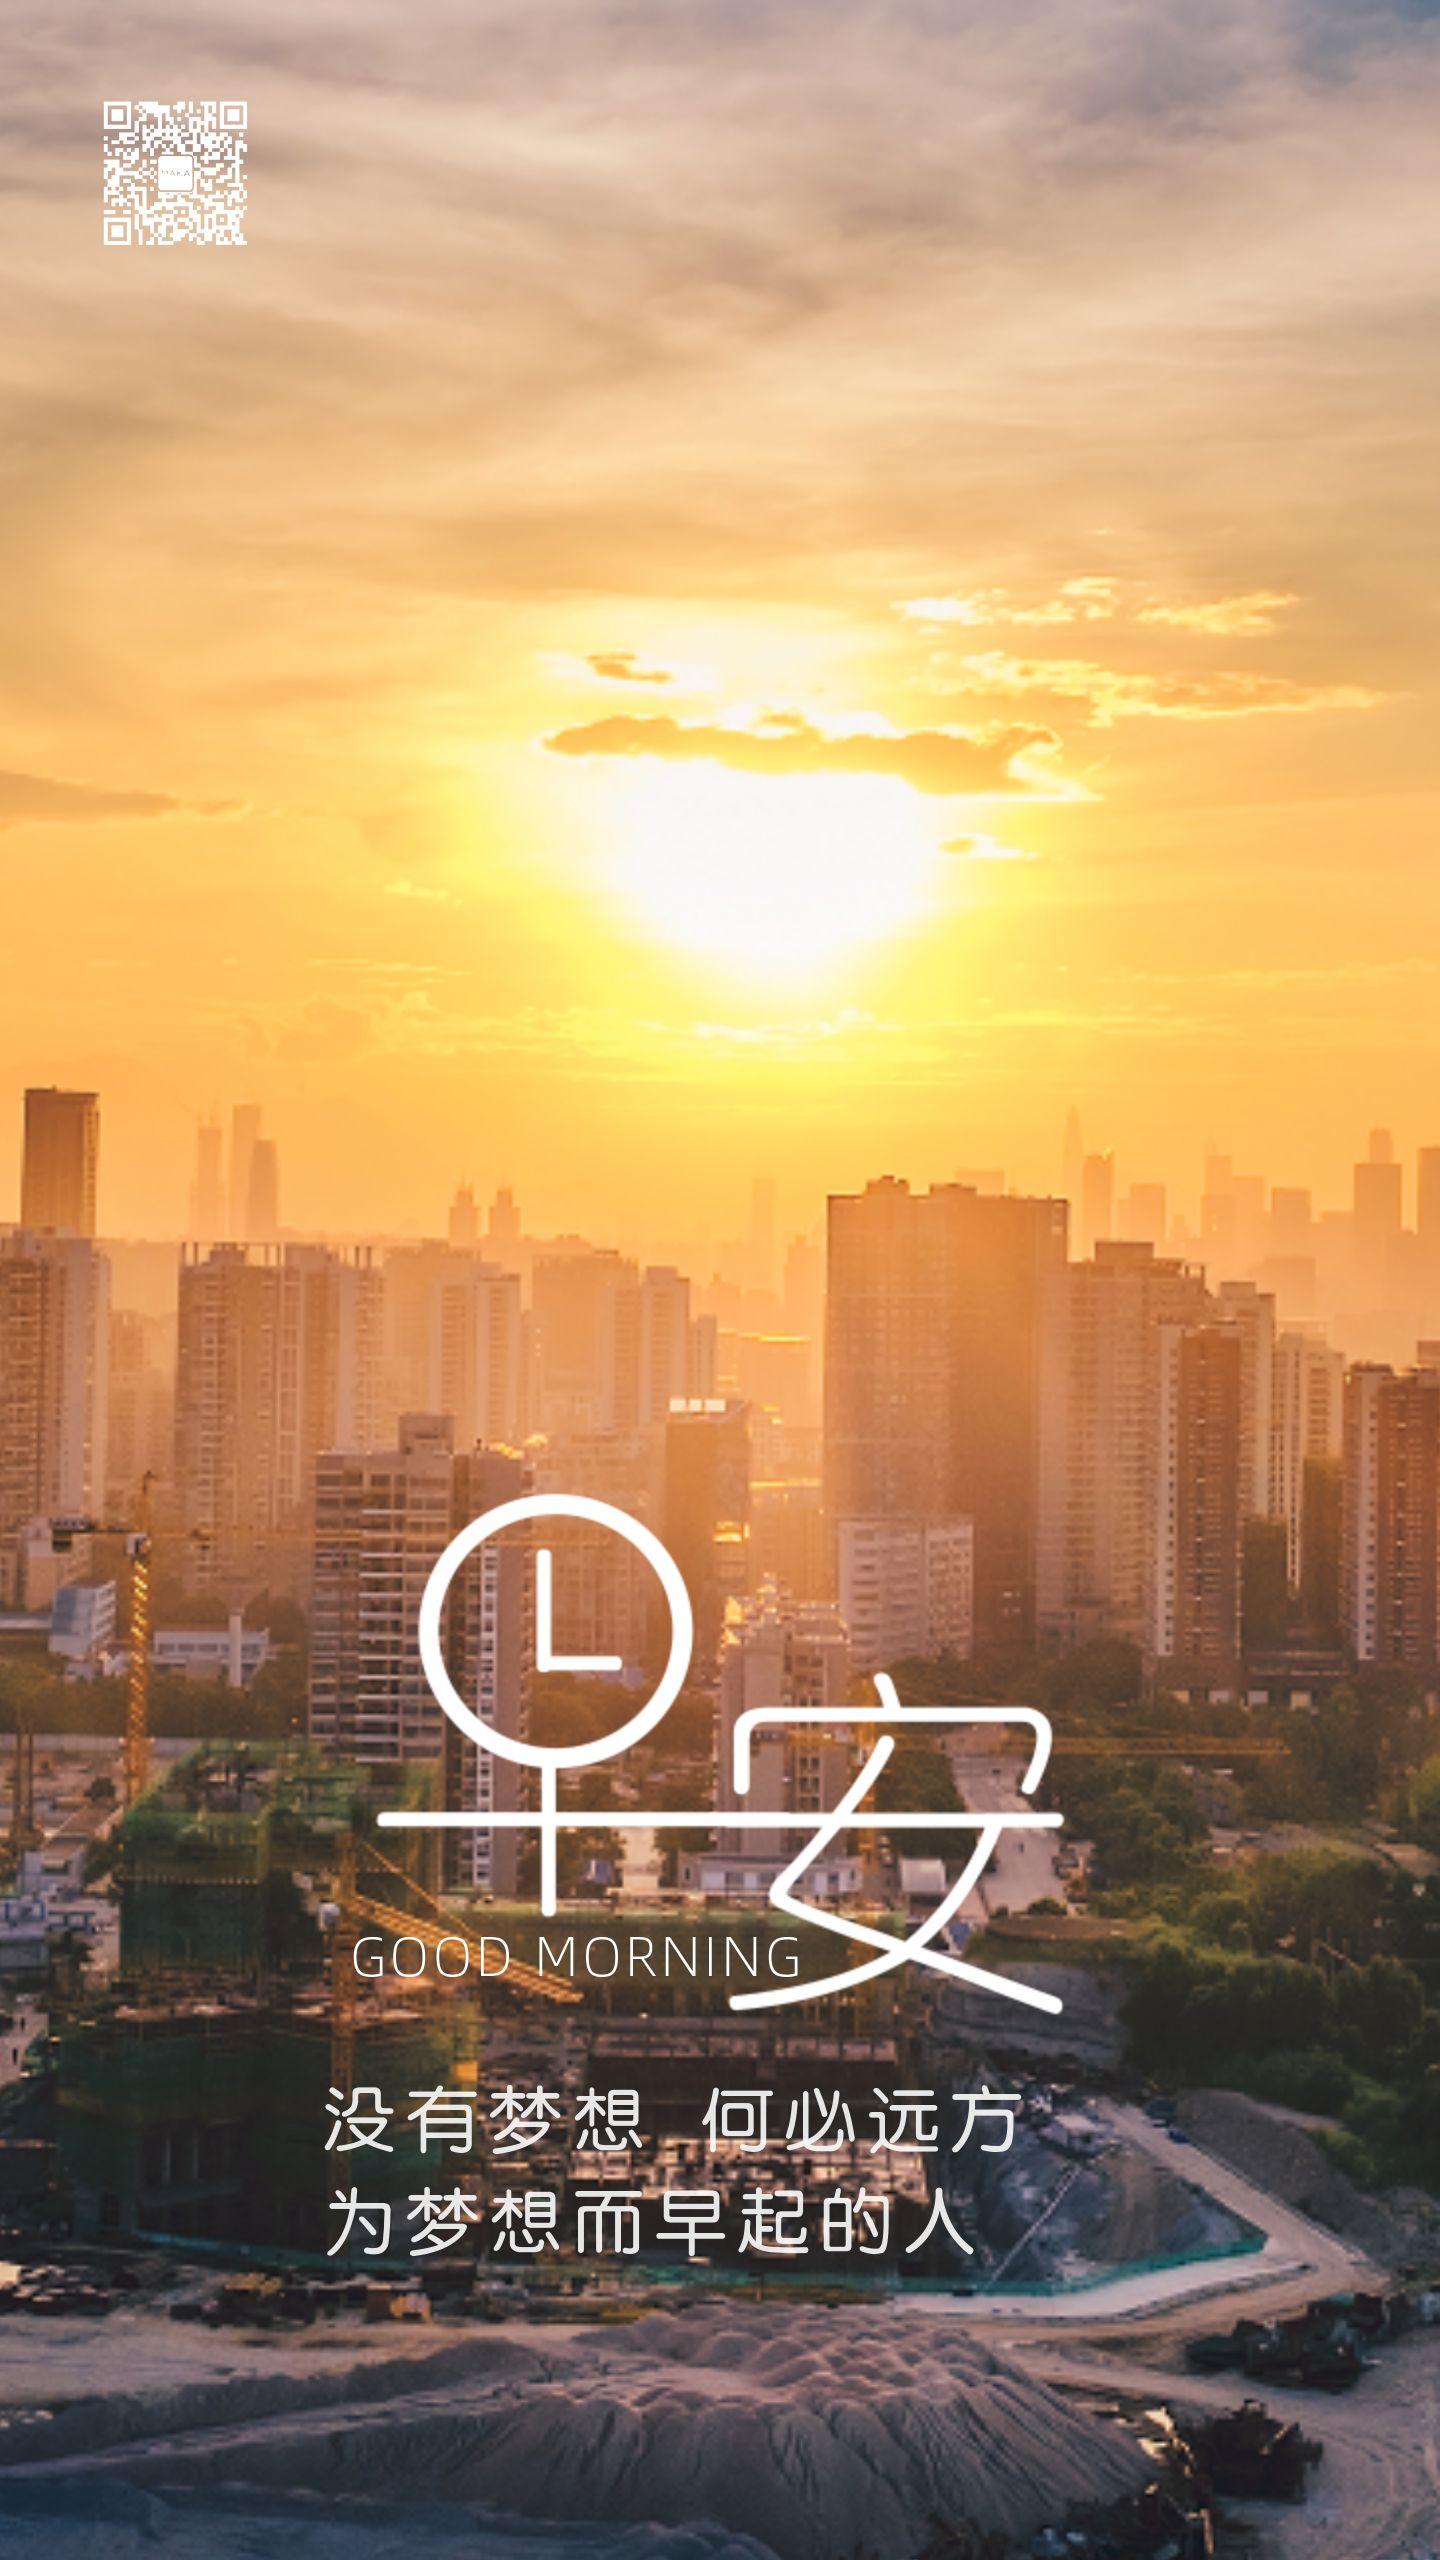 创意城市风日出你好早安励志小清新早安日签早安心情寄语宣传海报